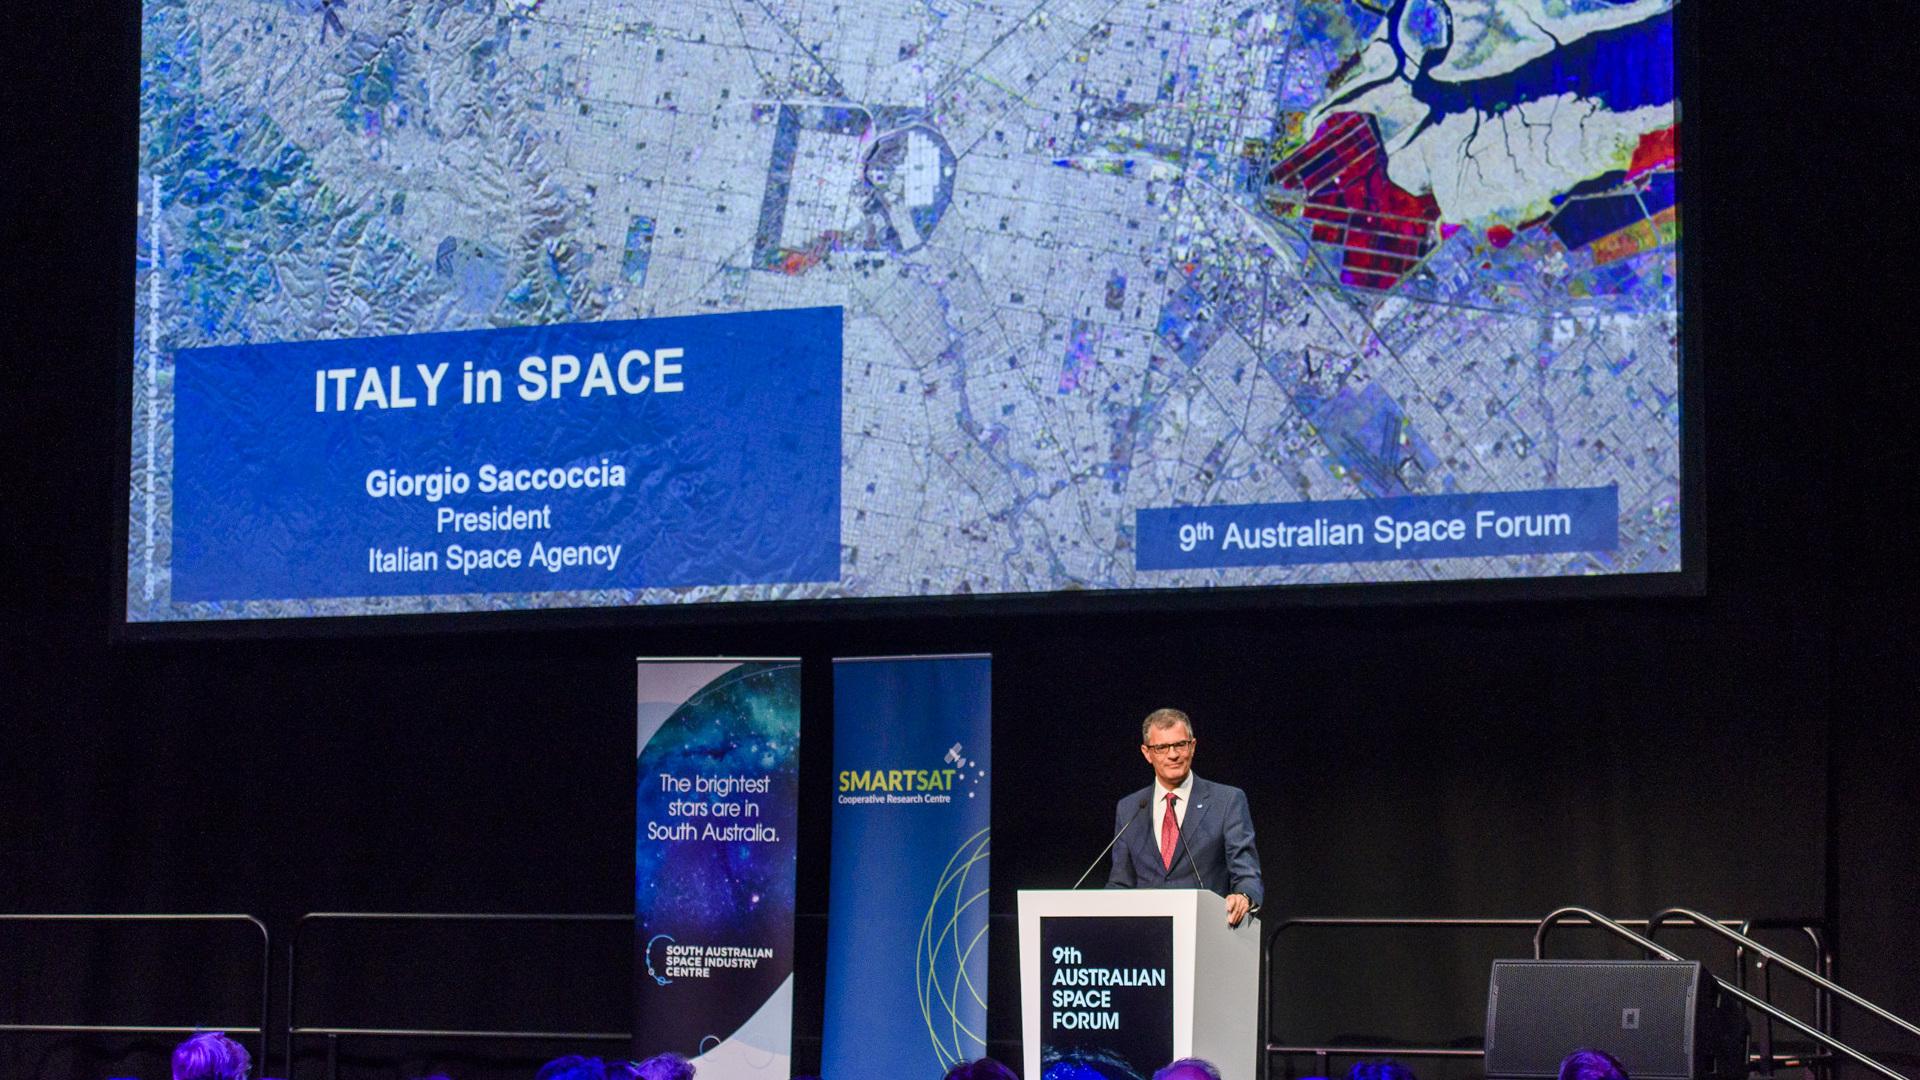 ASI - Al via il 9th Australian Space Forum ad Adelaide con il Presidente dell'ASI, Giorgio Saccoccia